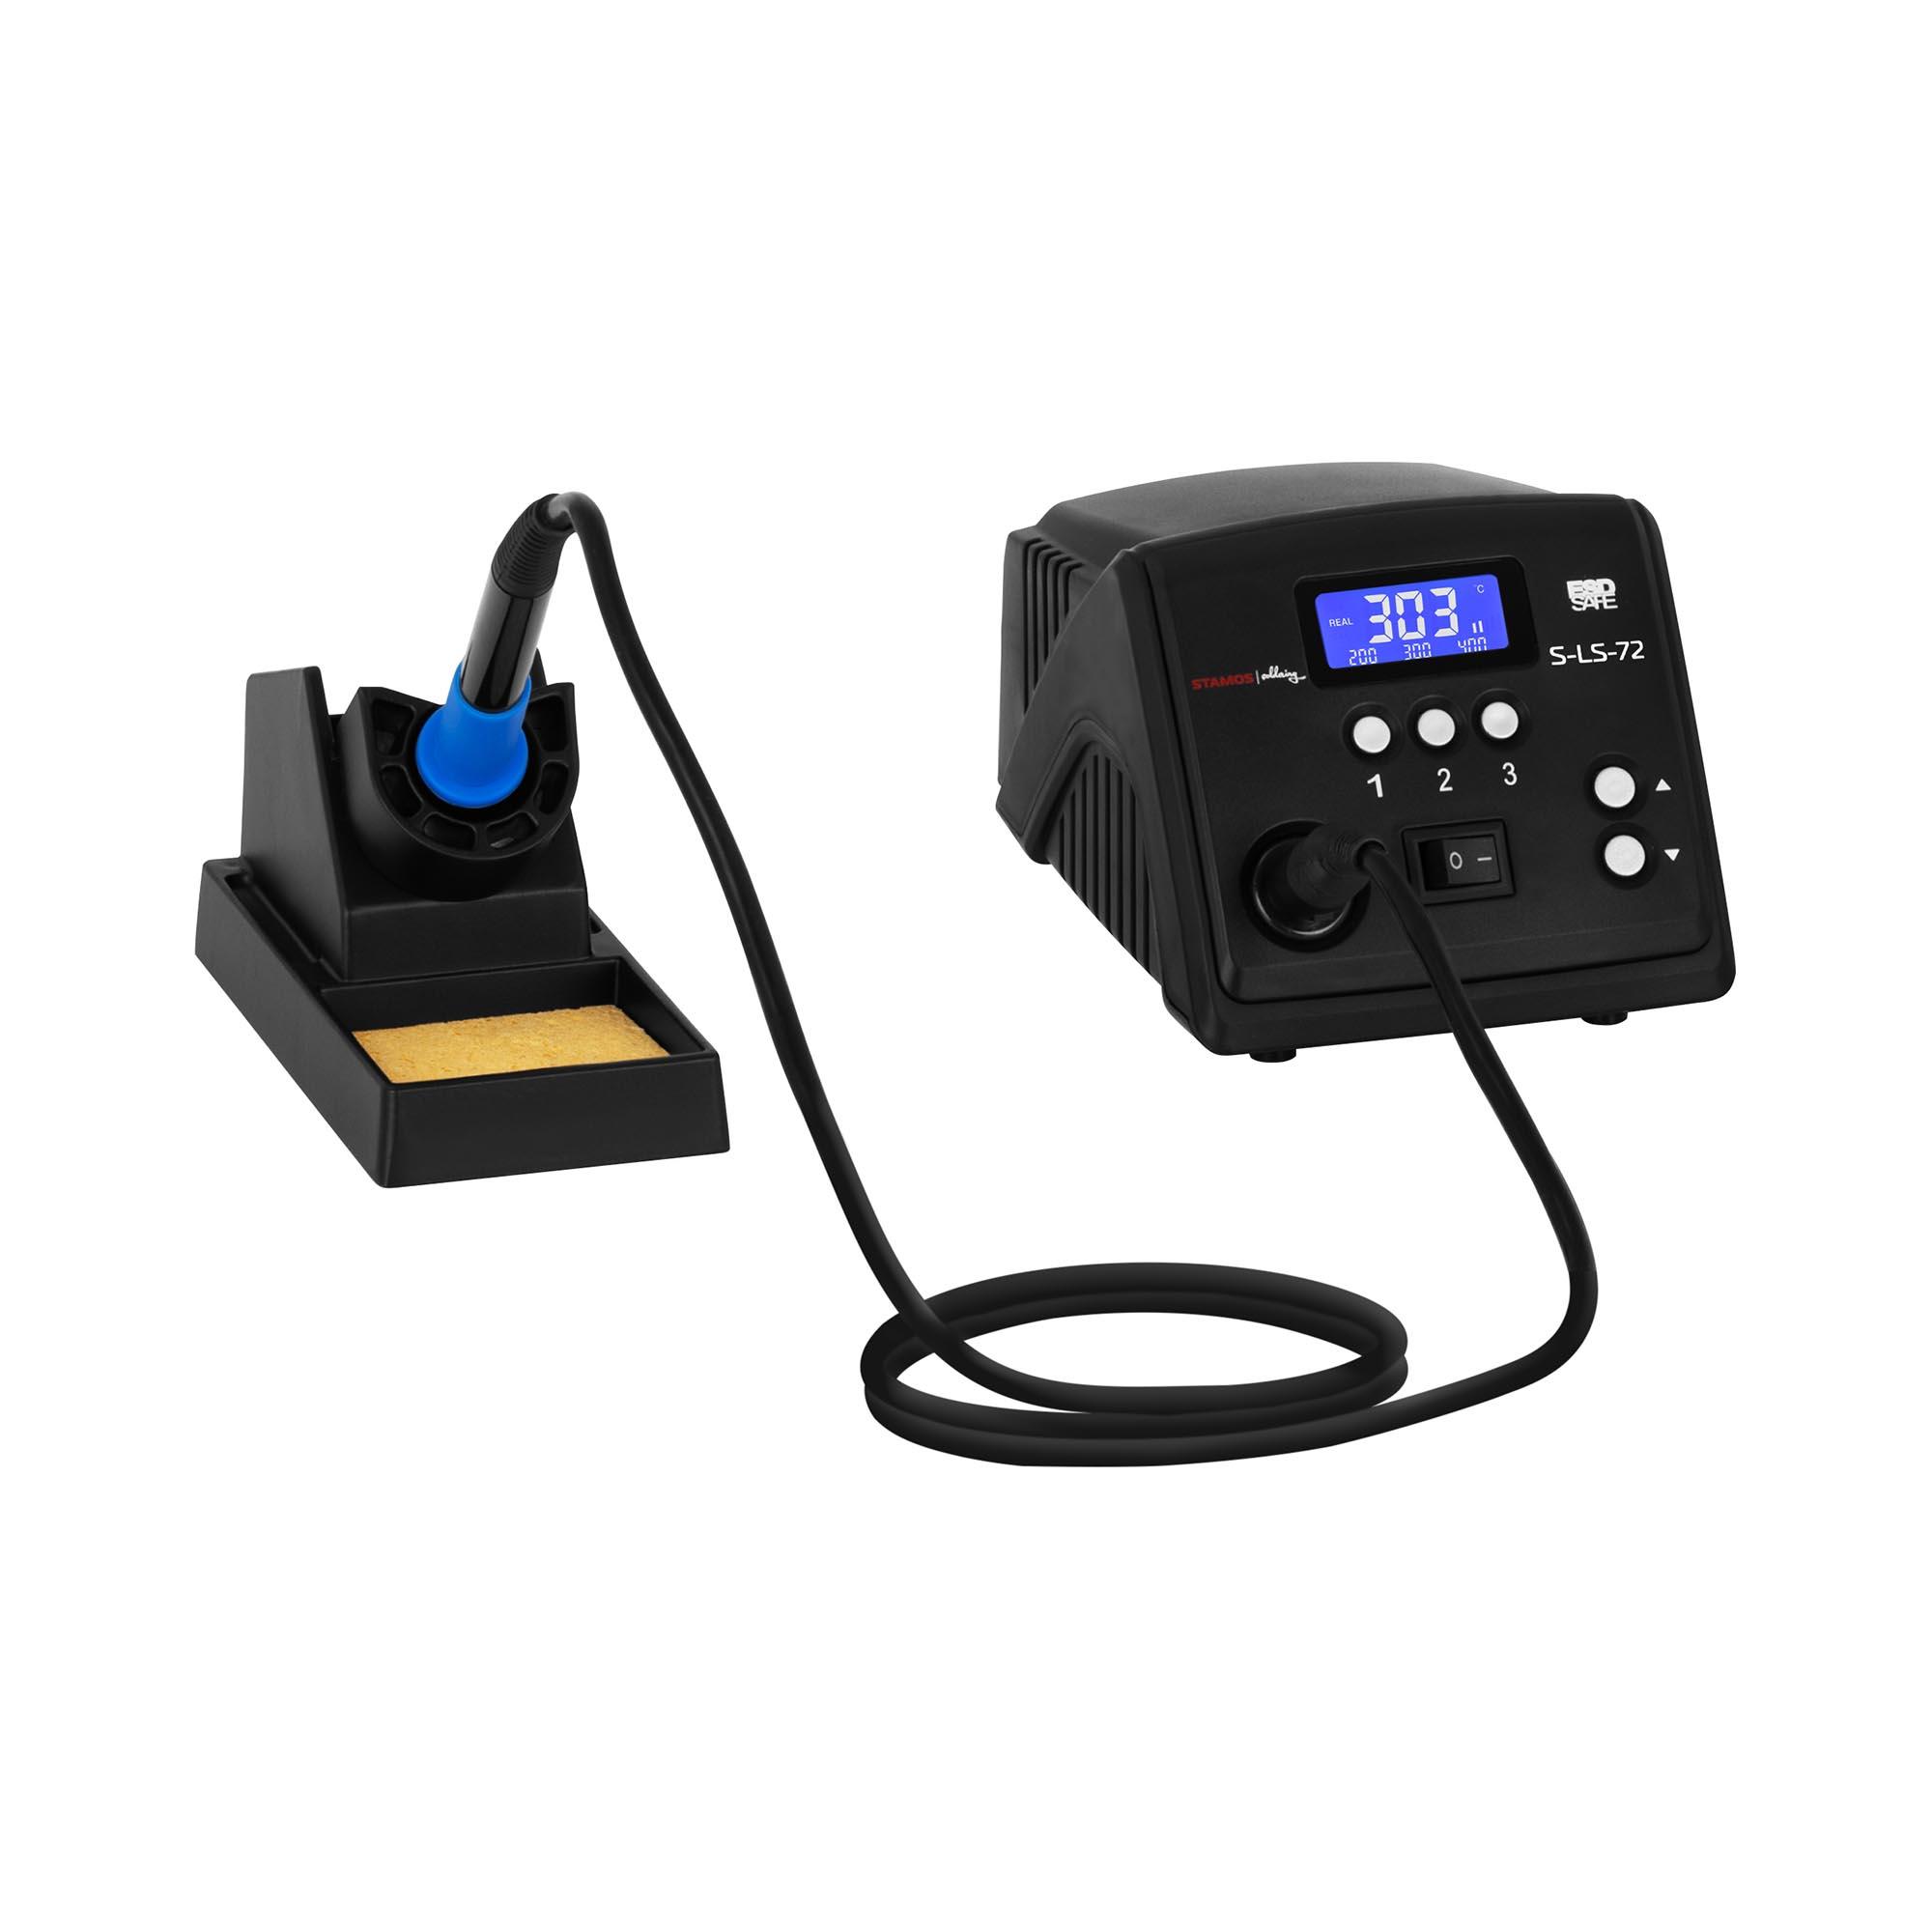 Stamos Soldering Lötstation - digital - mit Lötkolben und Lötkolbenablage - 90 W - LCD S-LS-72